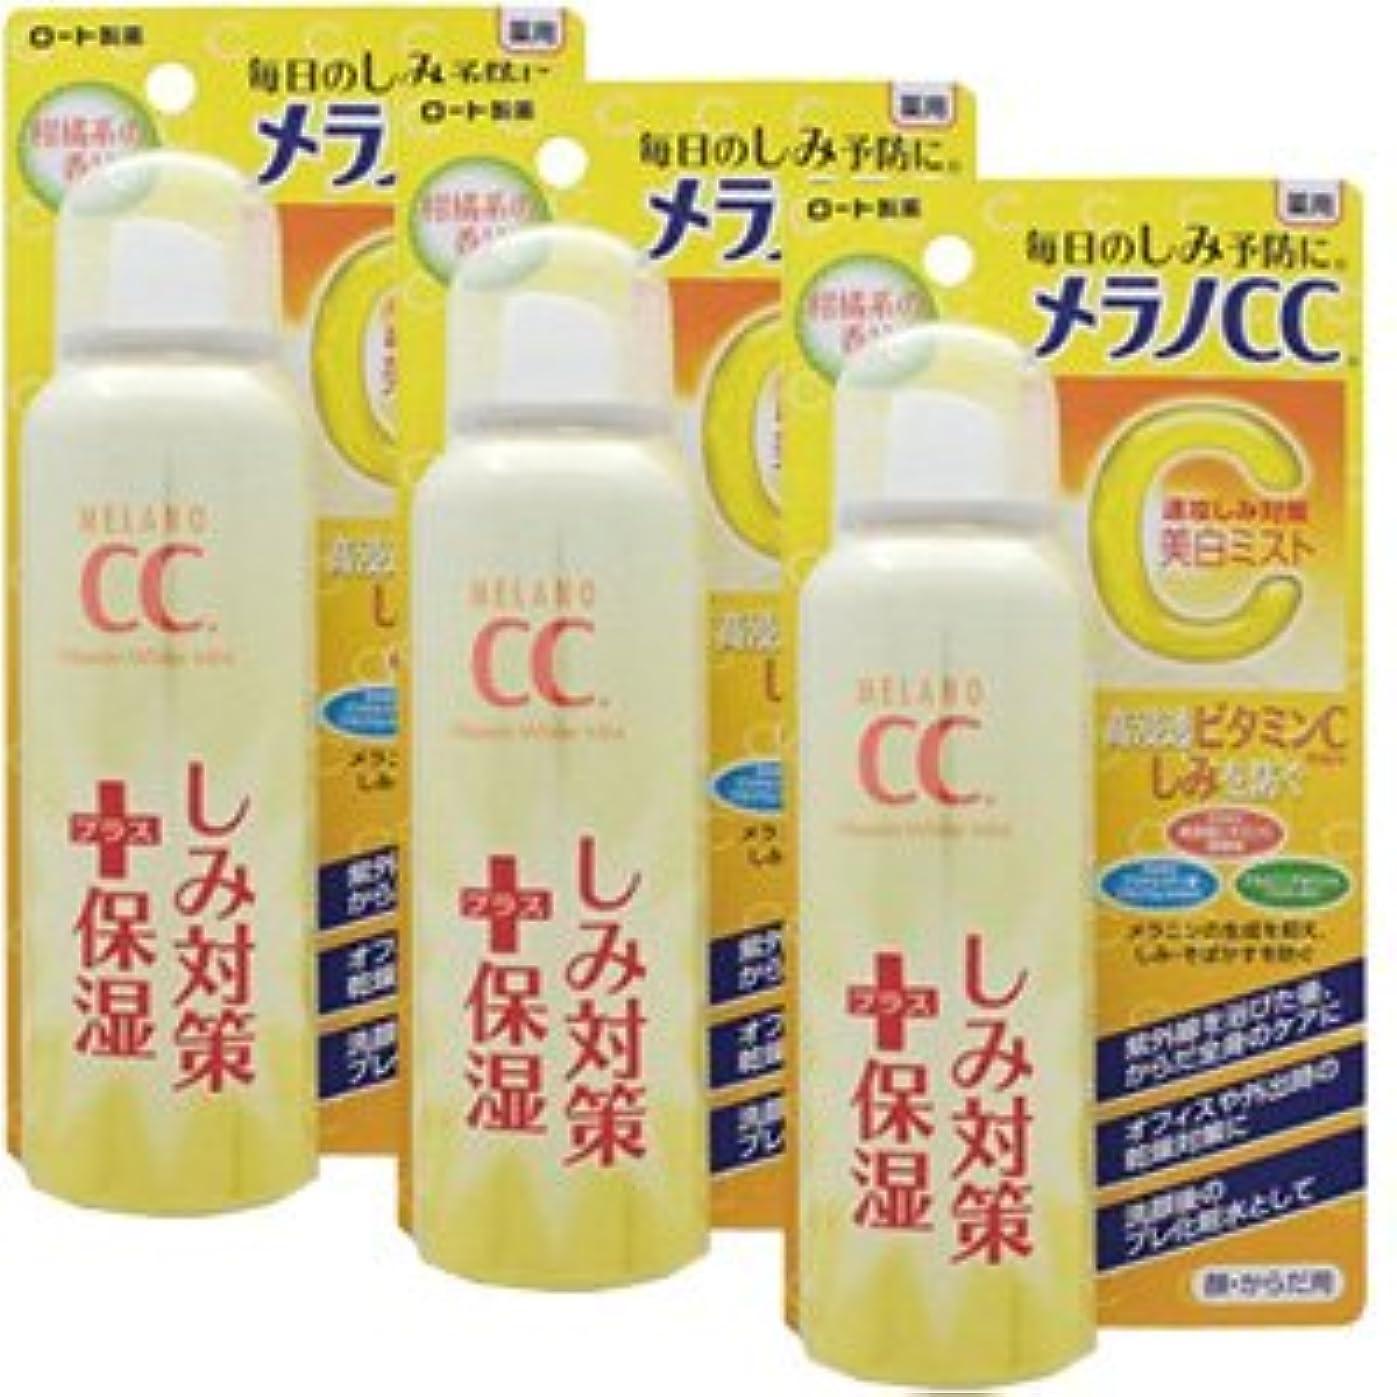 ただテーブルを設定する振り返る【3個】メラノCC 薬用しみ対策美白ミスト化粧水 100gx3個